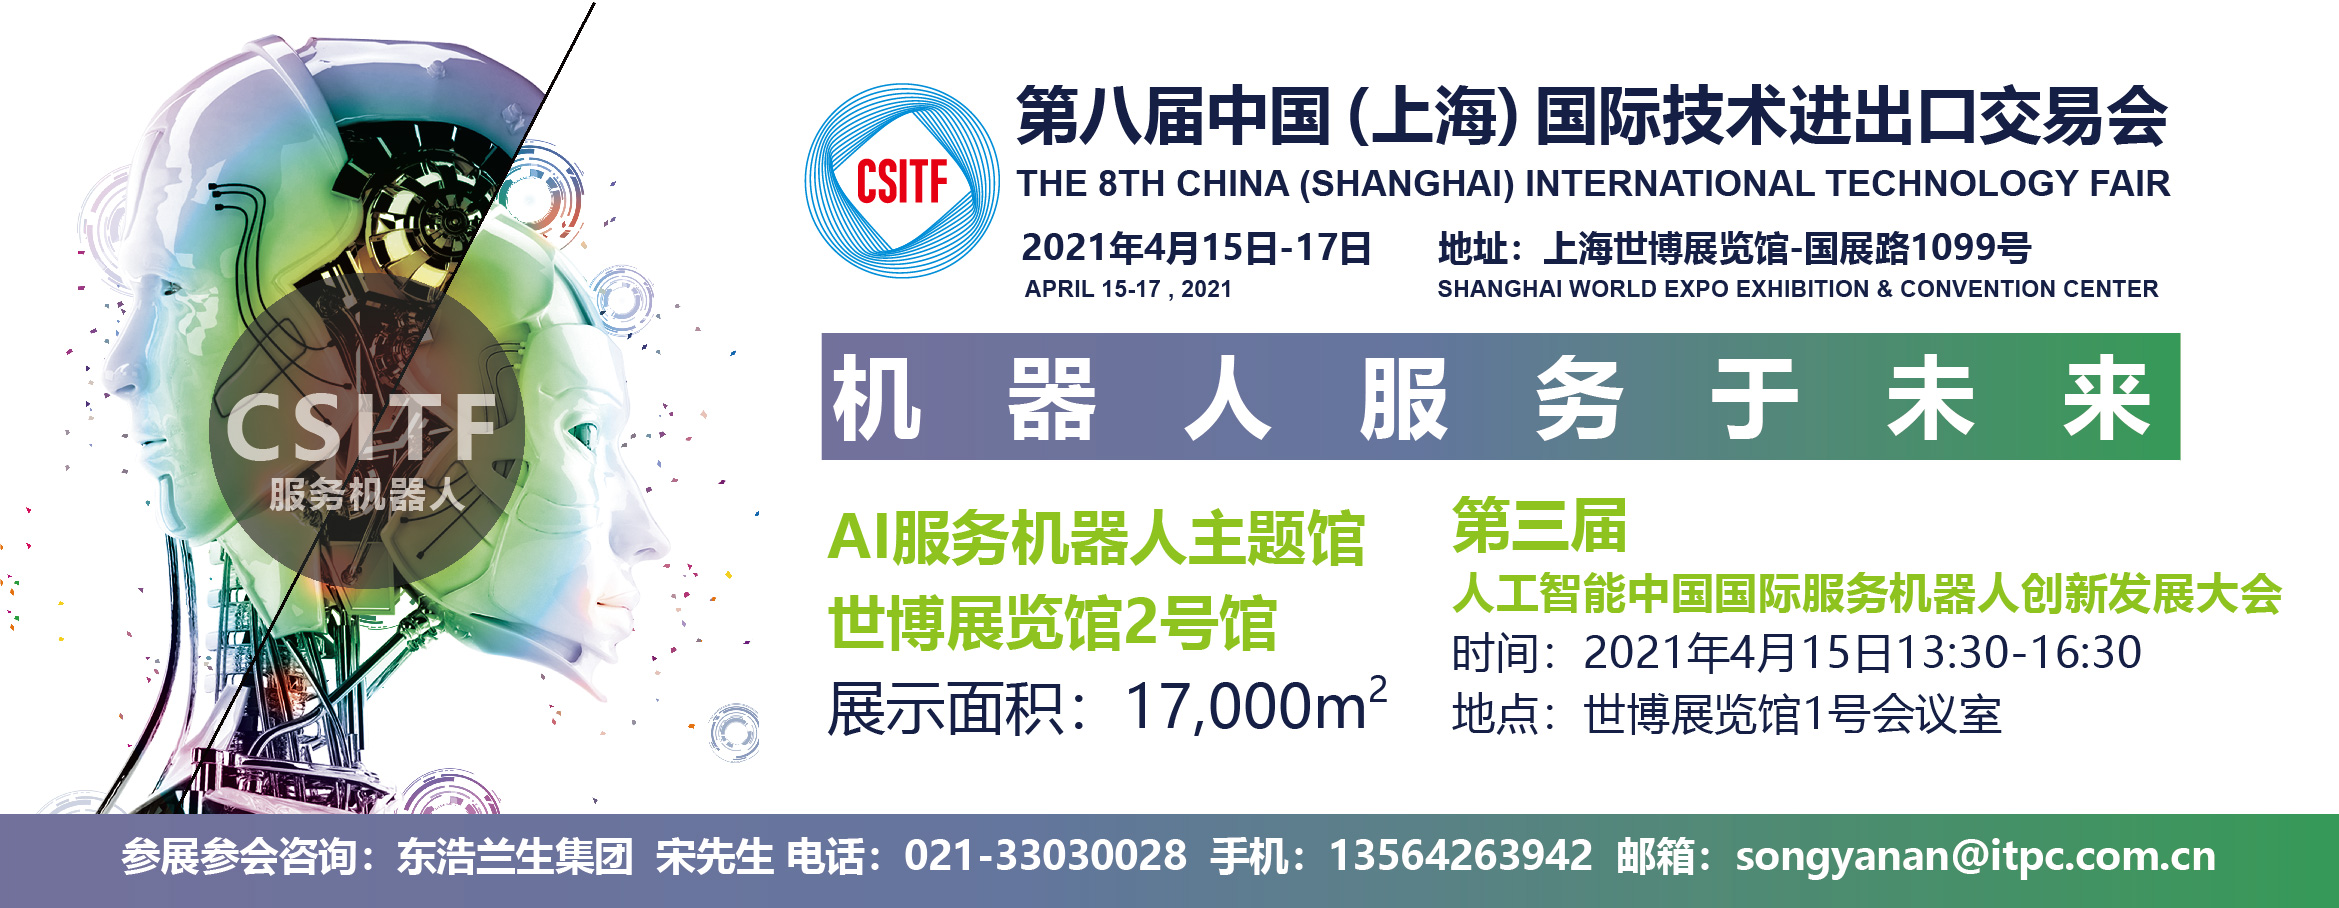 The 8th China (Shanghai)International Technology Fair